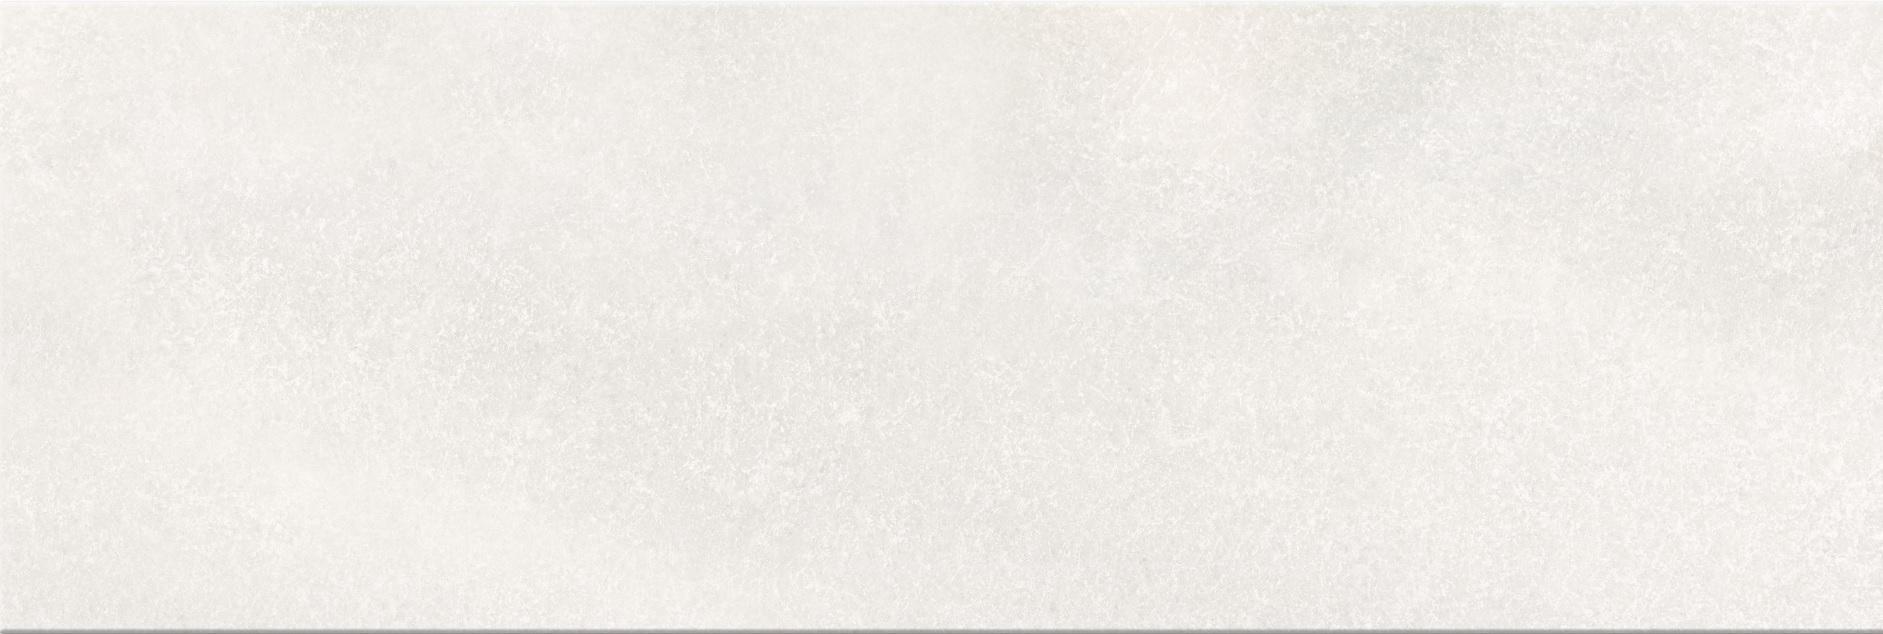 Sehr Gut Meissen Geometric Game weiß-grau glänzend 25x75 cm LR09